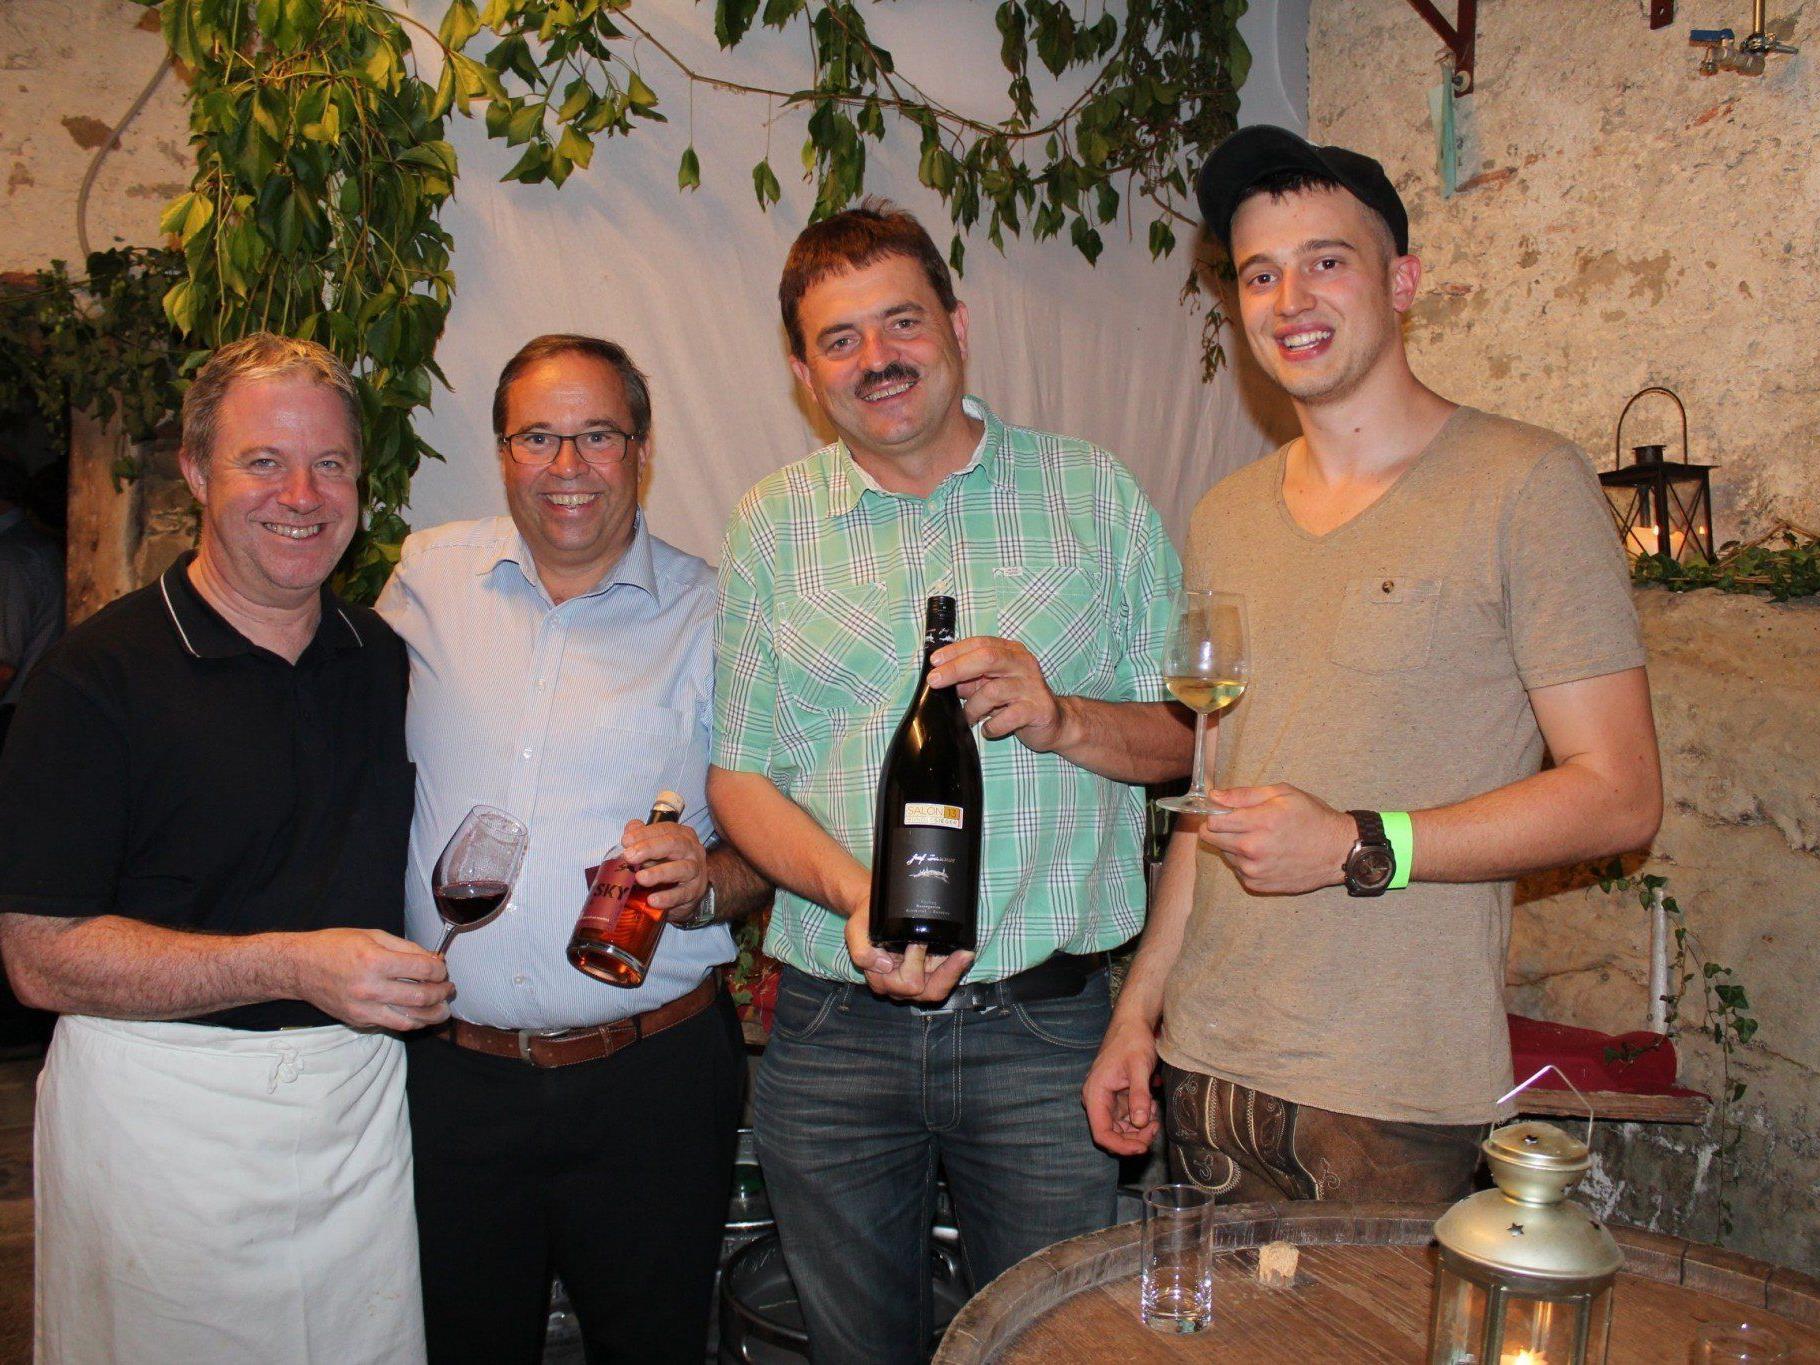 Hanspeter Tauber, Walter Pfanner, Winzer Josef Dockner und Jürgen Netzer